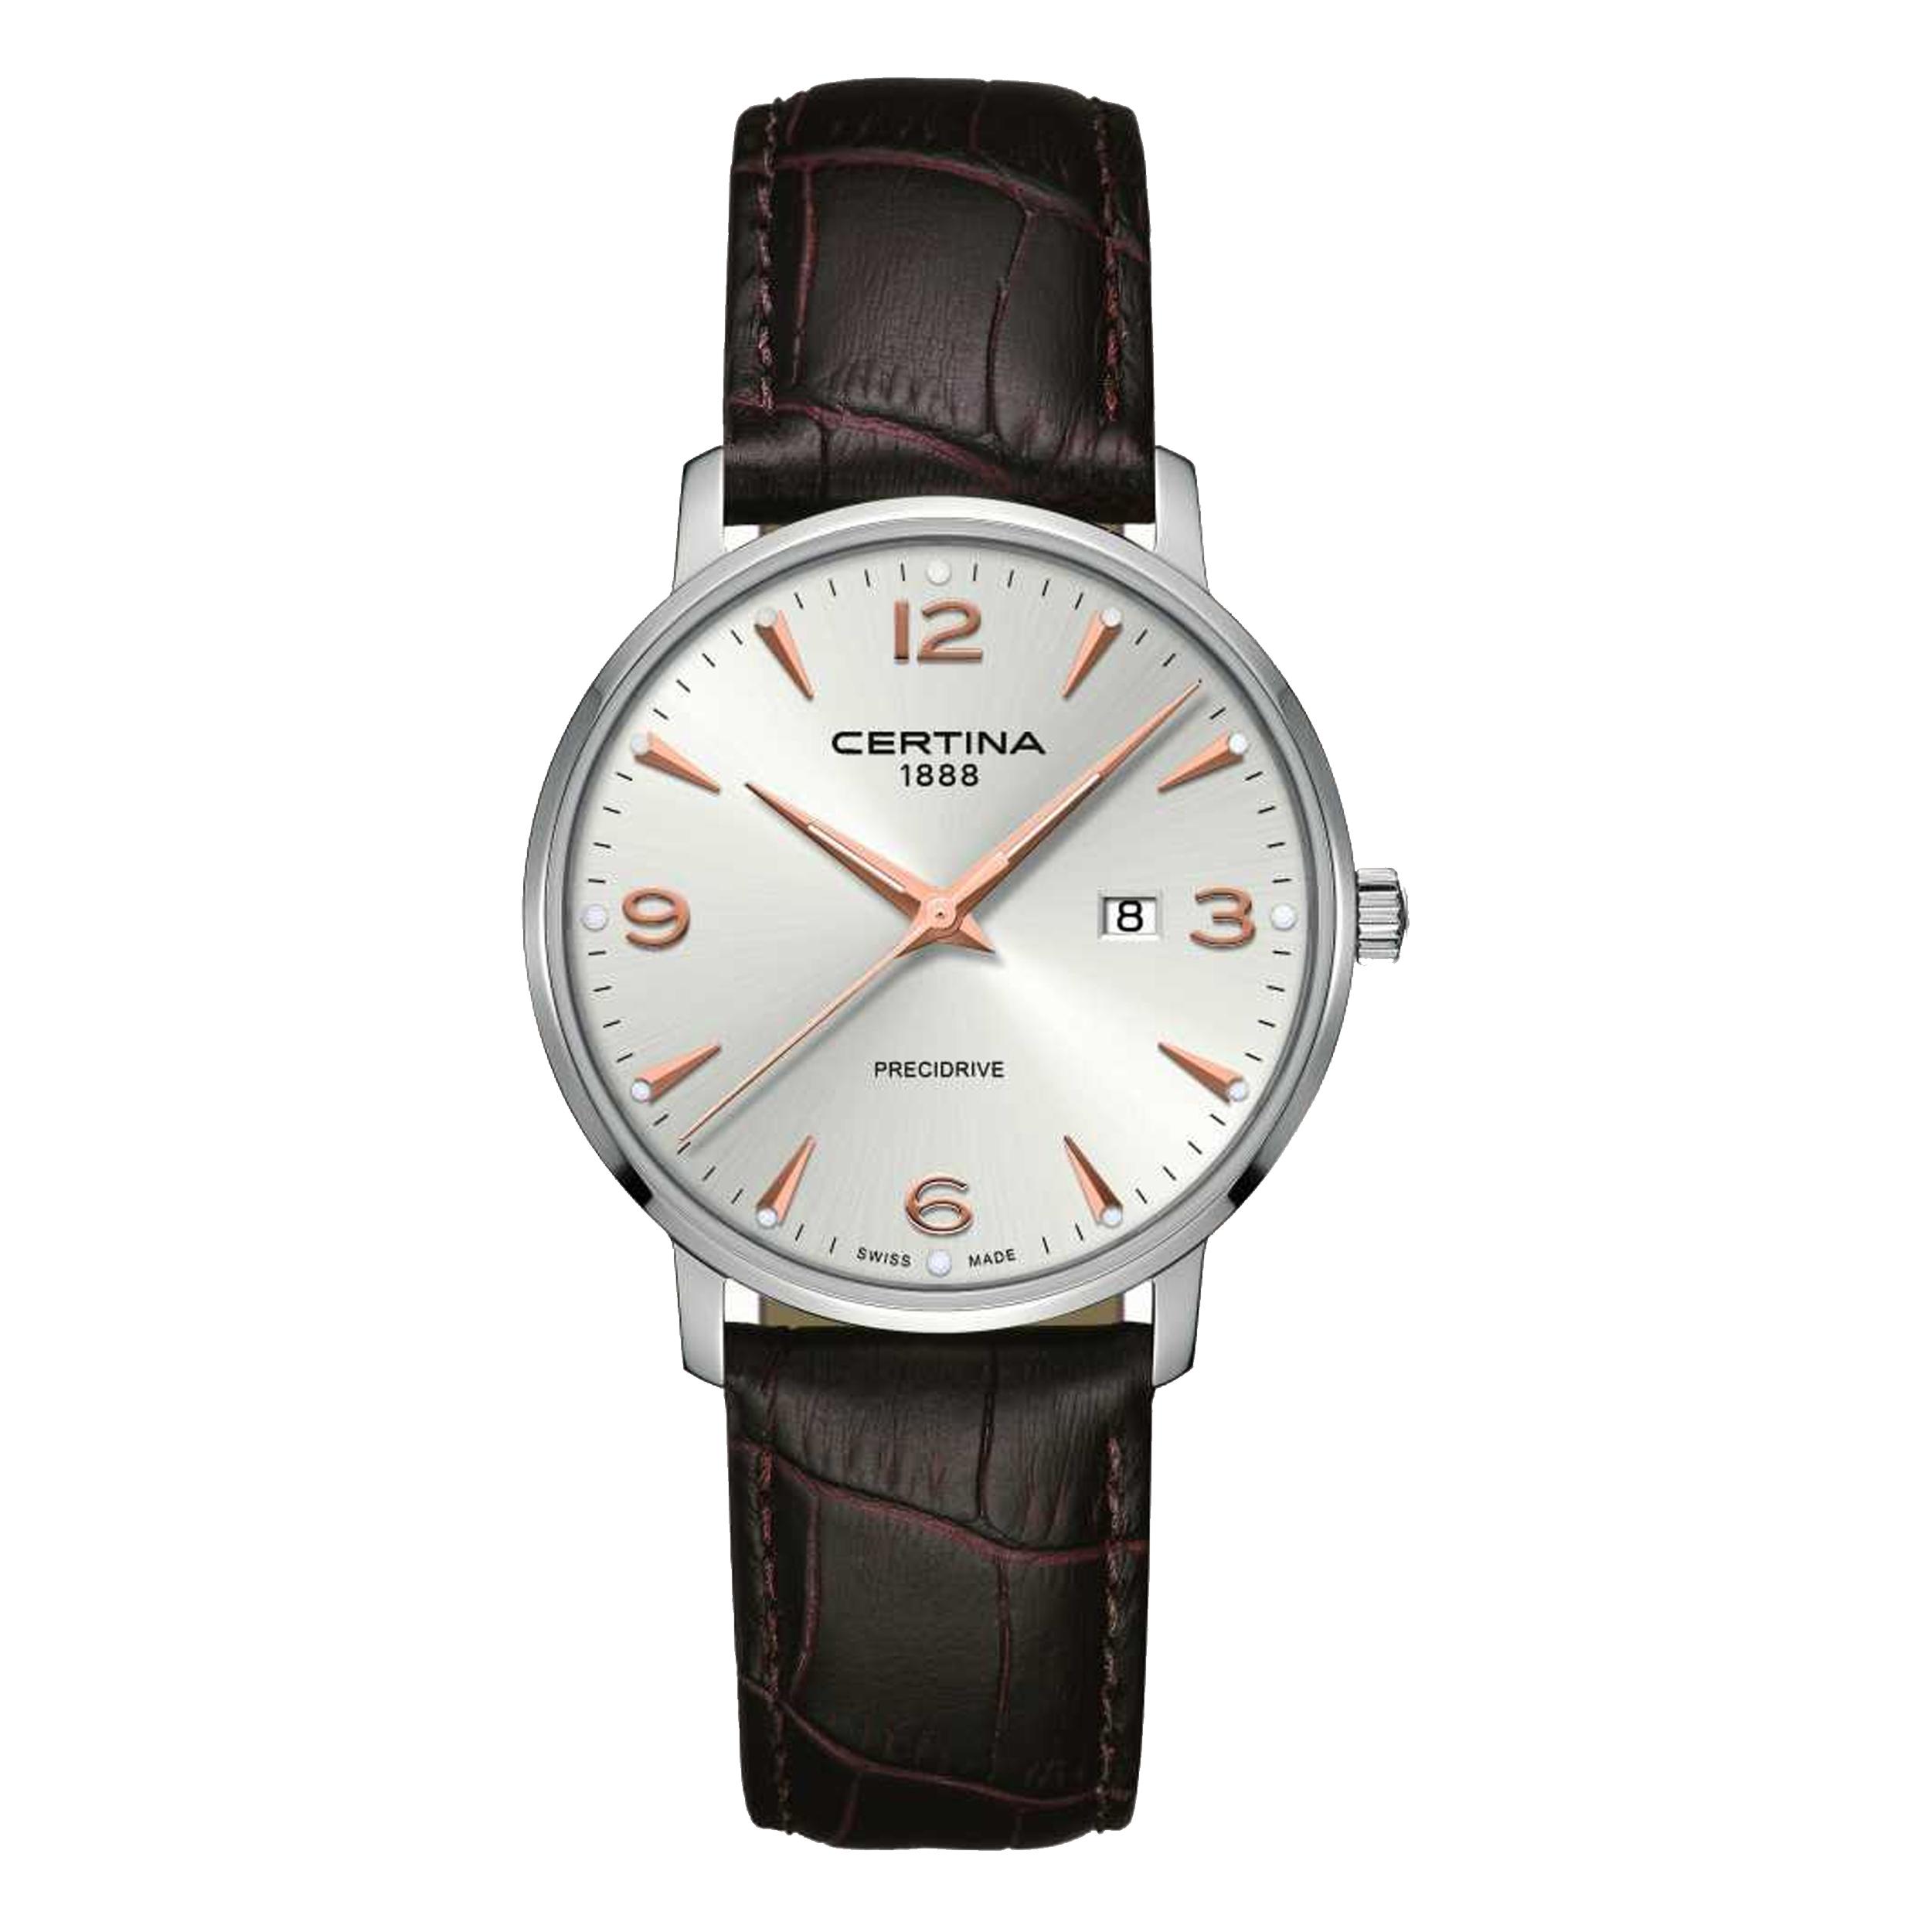 ساعت مچی عقربه ای مردانه سرتینا مدل C0354101603701